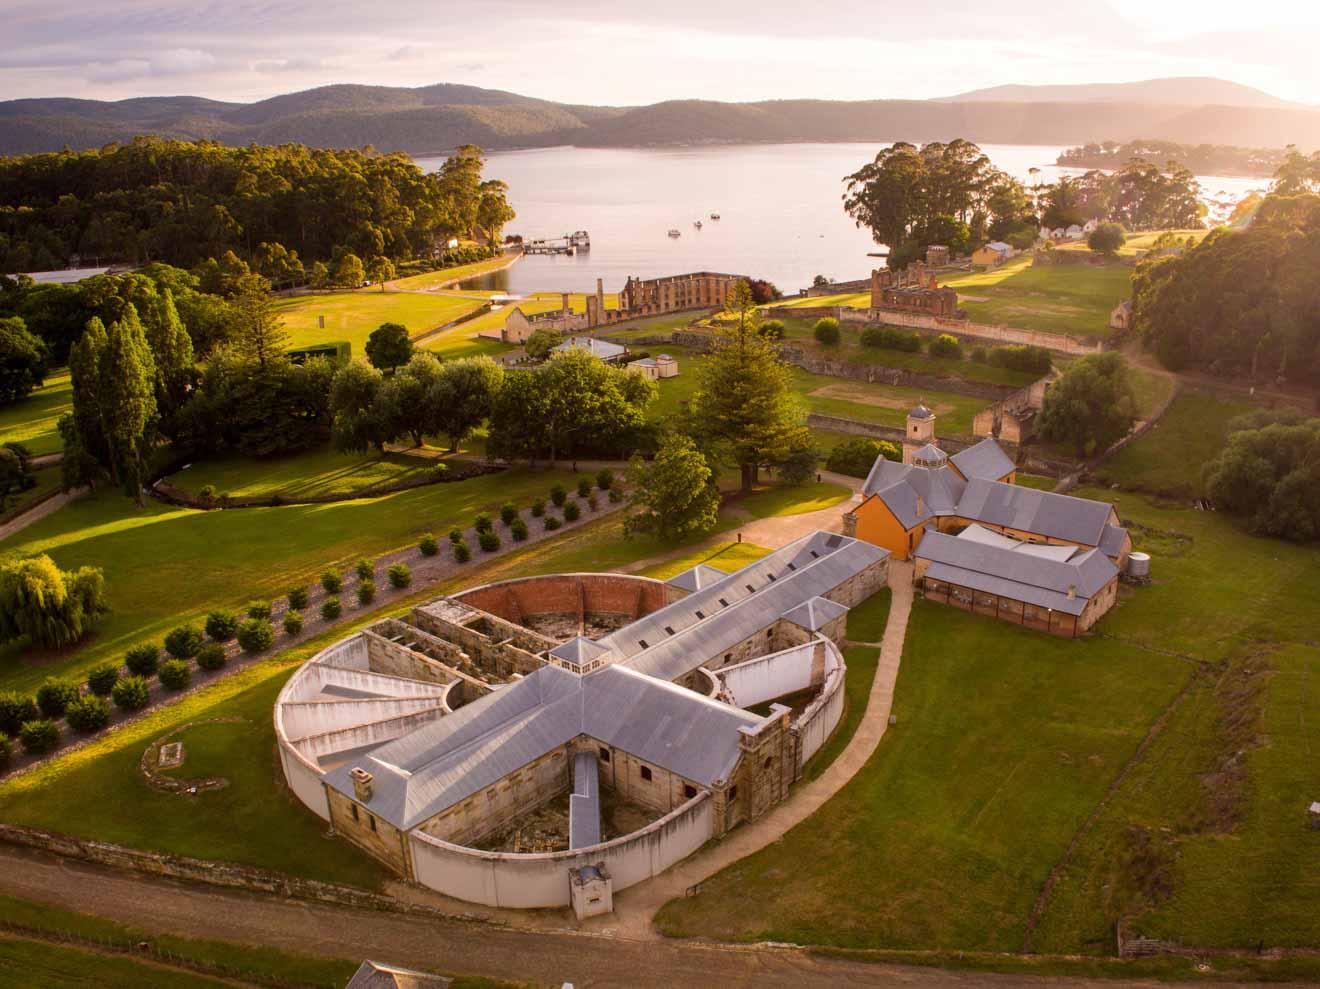 Vista aérea del sitio histórico de Port Arthur Tasmania